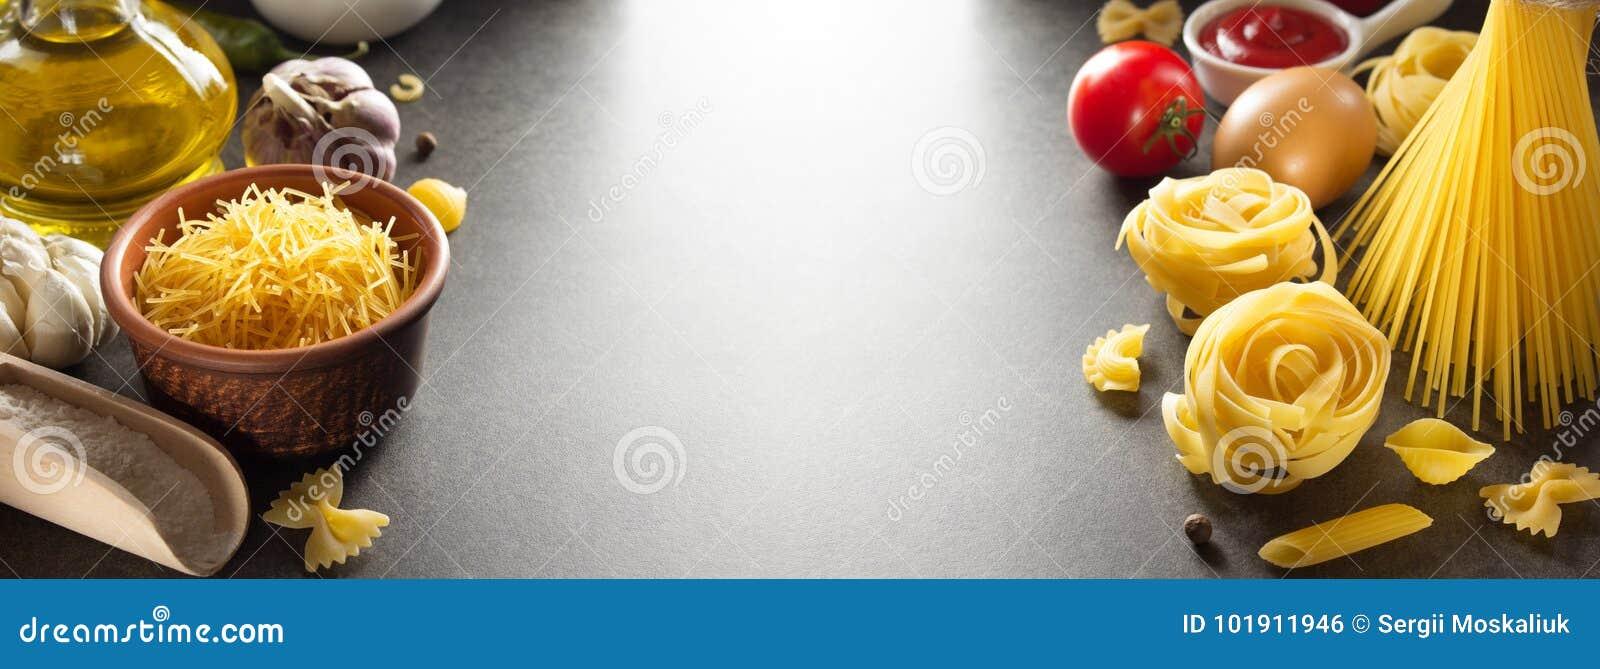 Συστατικό ζυμαρικών και τροφίμων